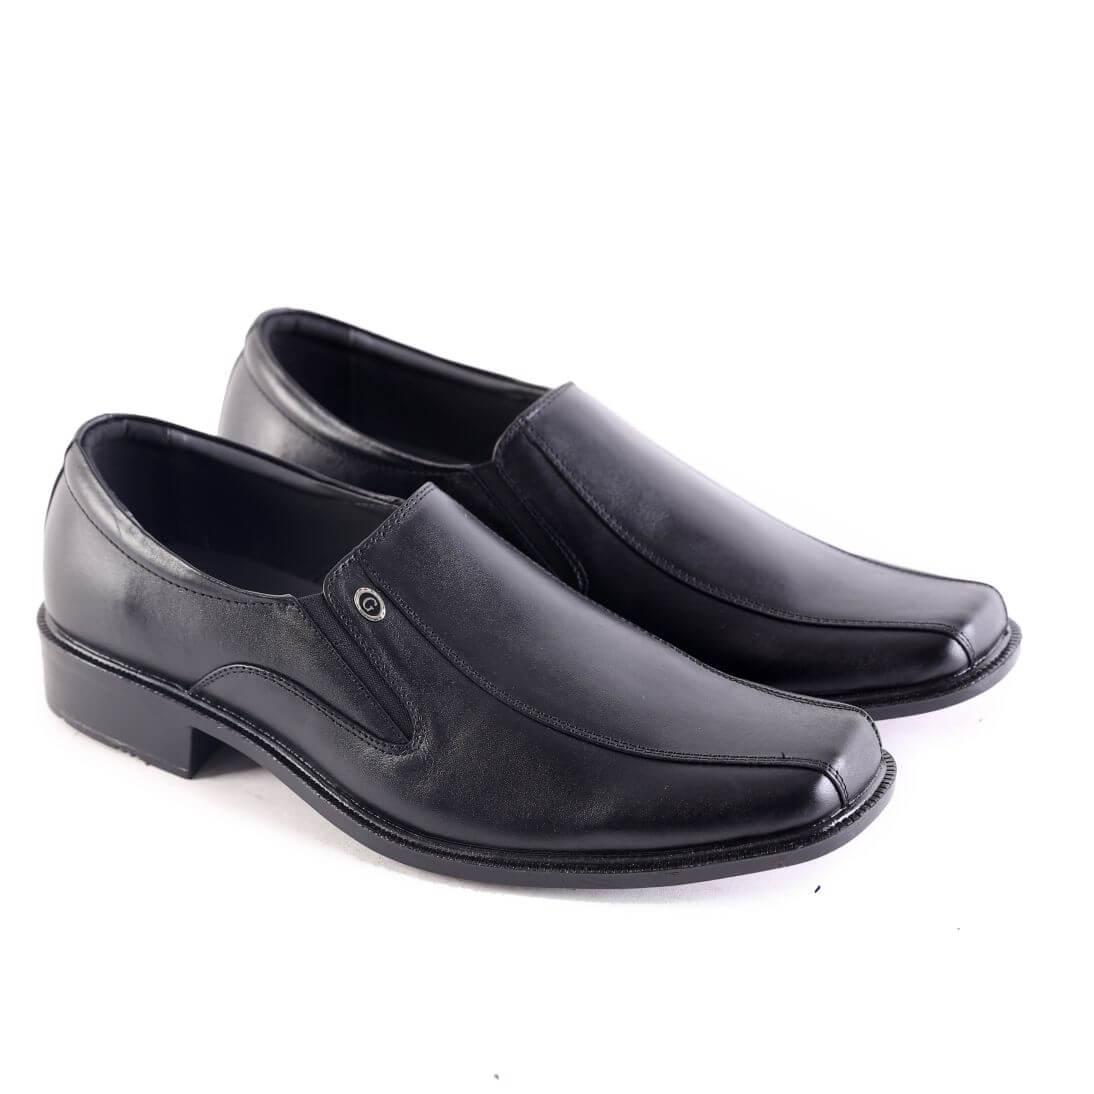 Sepatu Kerja Formal KULIT PREMIUM Garsel L 144 - Pria / Cowok